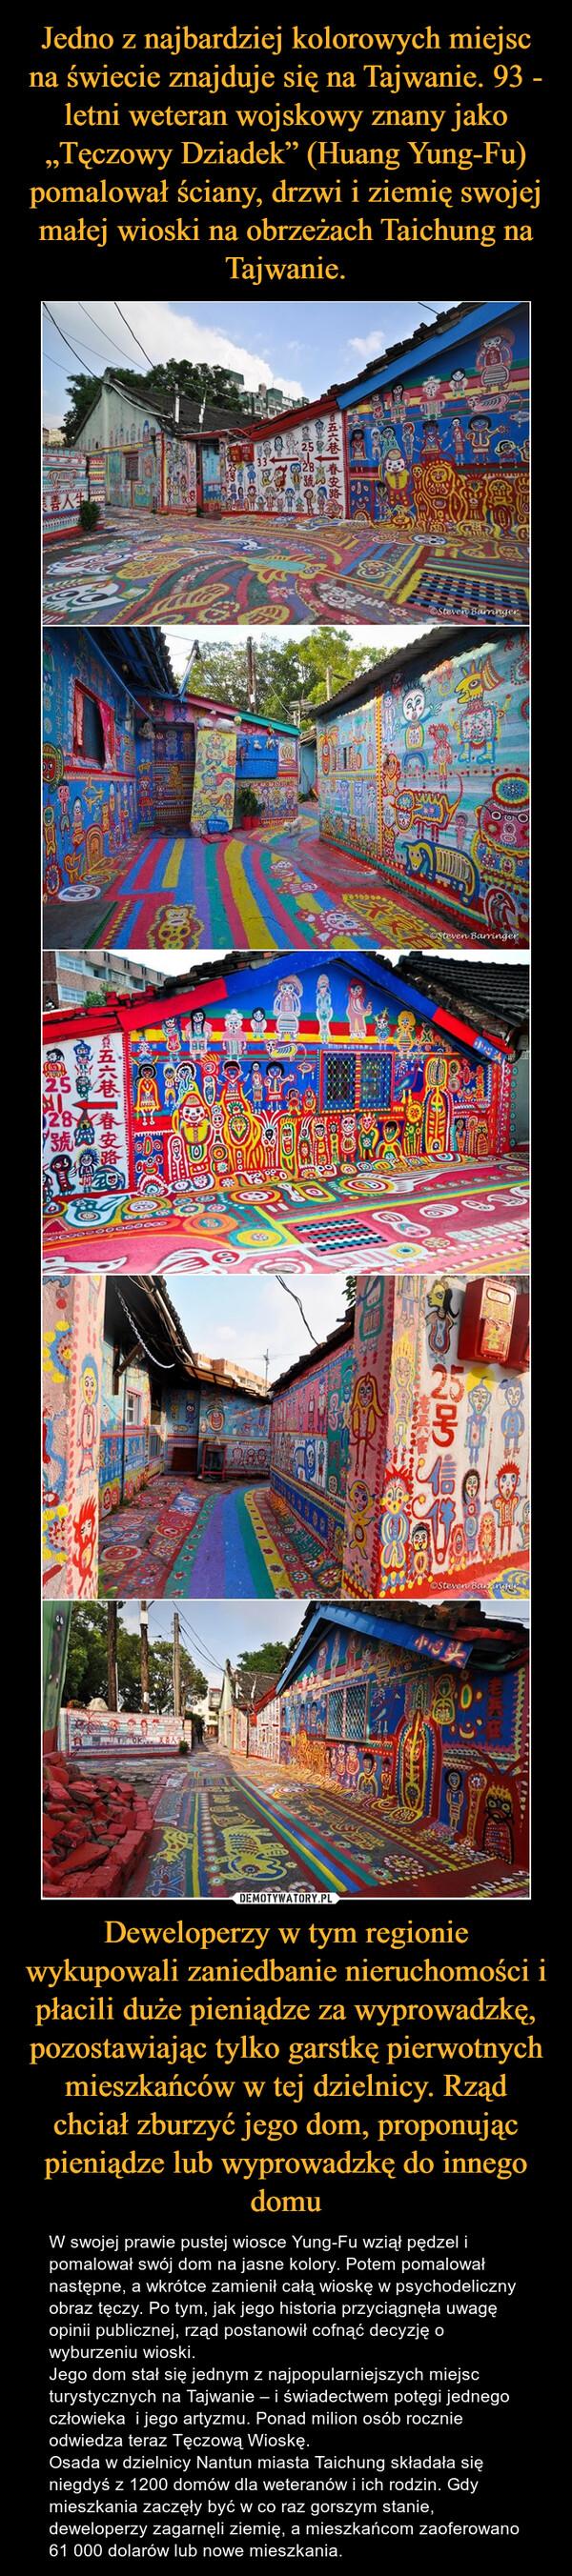 Deweloperzy w tym regionie wykupowali zaniedbanie nieruchomości i płacili duże pieniądze za wyprowadzkę, pozostawiając tylko garstkę pierwotnych mieszkańców w tej dzielnicy. Rząd chciał zburzyć jego dom, proponując pieniądze lub wyprowadzkę do innego domu – W swojej prawie pustej wiosce Yung-Fu wziął pędzel i pomalował swój dom na jasne kolory. Potem pomalował następne, a wkrótce zamienił całą wioskę w psychodeliczny obraz tęczy. Po tym, jak jego historia przyciągnęła uwagę opinii publicznej, rząd postanowił cofnąć decyzję o wyburzeniu wioski.Jego dom stał się jednym z najpopularniejszych miejsc turystycznych na Tajwanie – i świadectwem potęgi jednego człowieka  i jego artyzmu. Ponad milion osób rocznie odwiedza teraz Tęczową Wioskę.Osada w dzielnicy Nantun miasta Taichung składała się niegdyś z 1200 domów dla weteranów i ich rodzin. Gdy mieszkania zaczęły być w co raz gorszym stanie, deweloperzy zagarnęli ziemię, a mieszkańcom zaoferowano 61 000 dolarów lub nowe mieszkania.